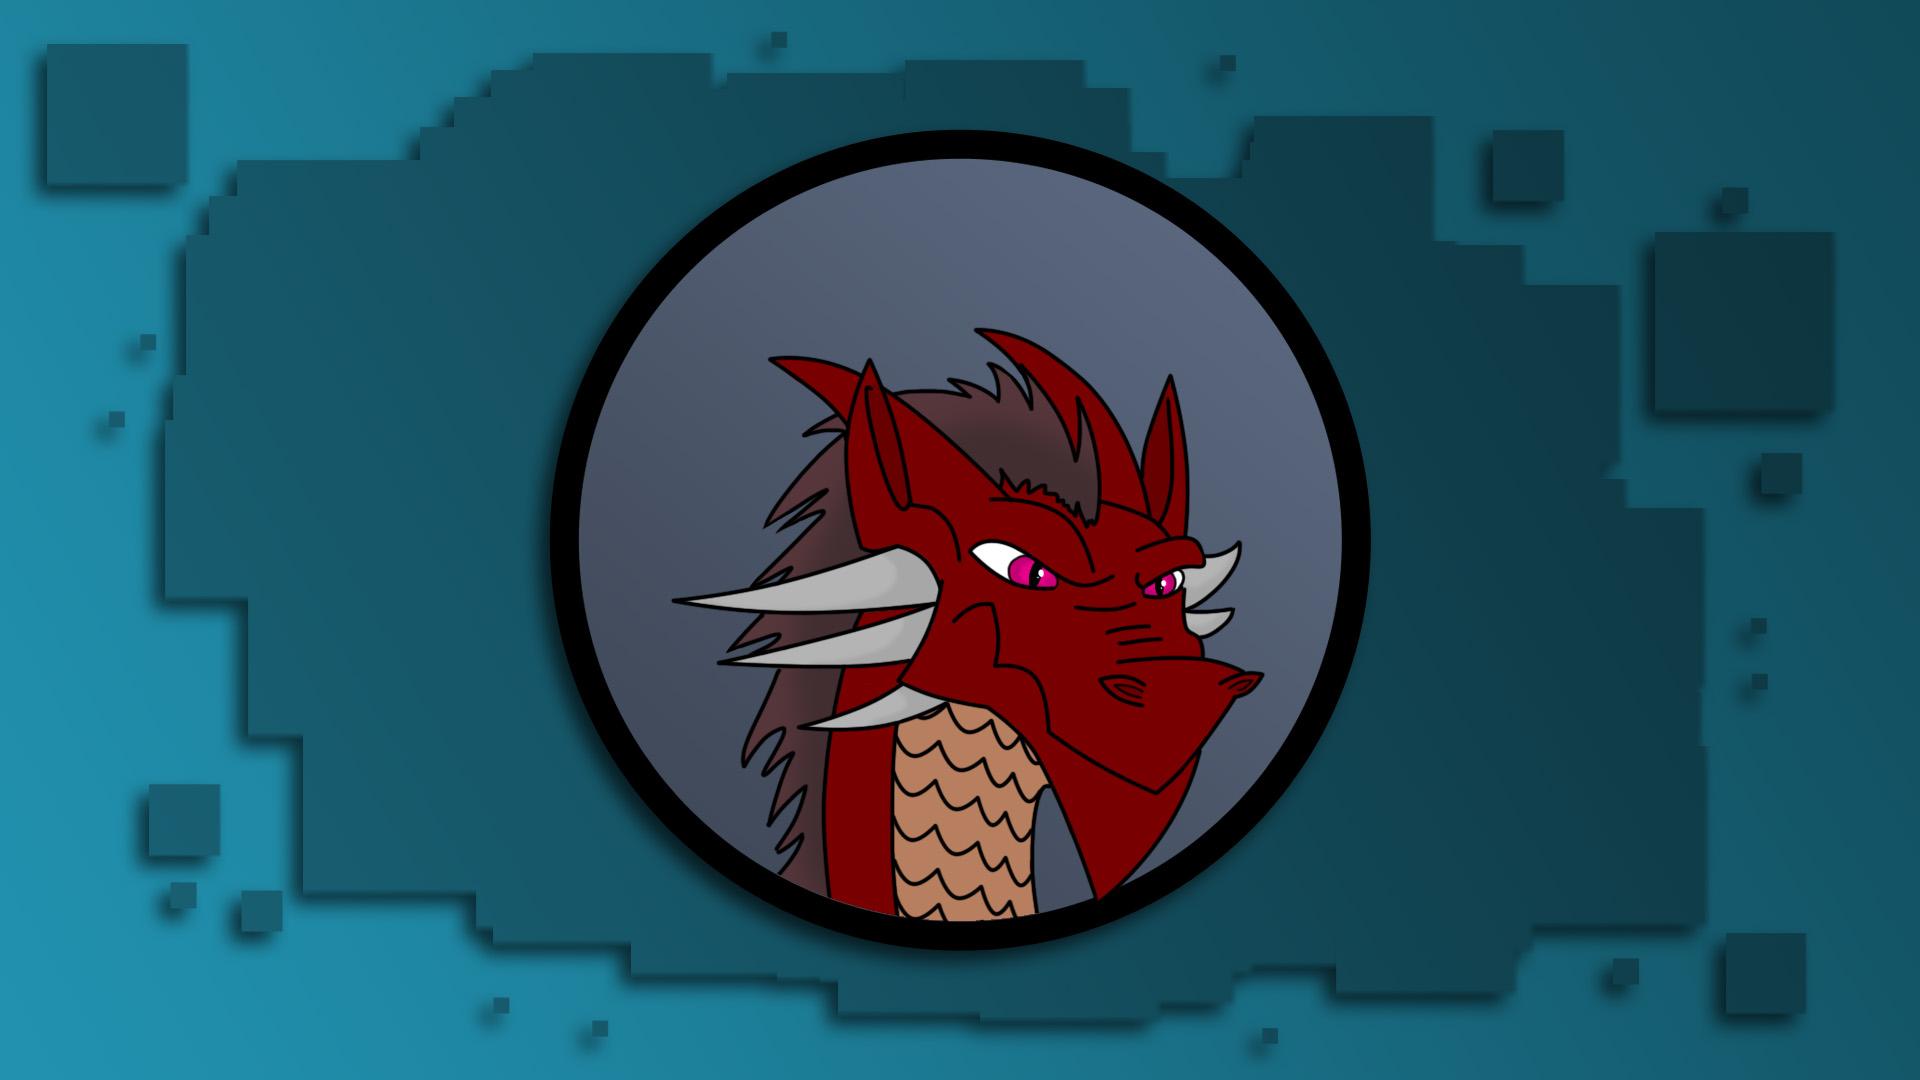 Cartoon Dragon Background by PugWizer on deviantART 1920x1080